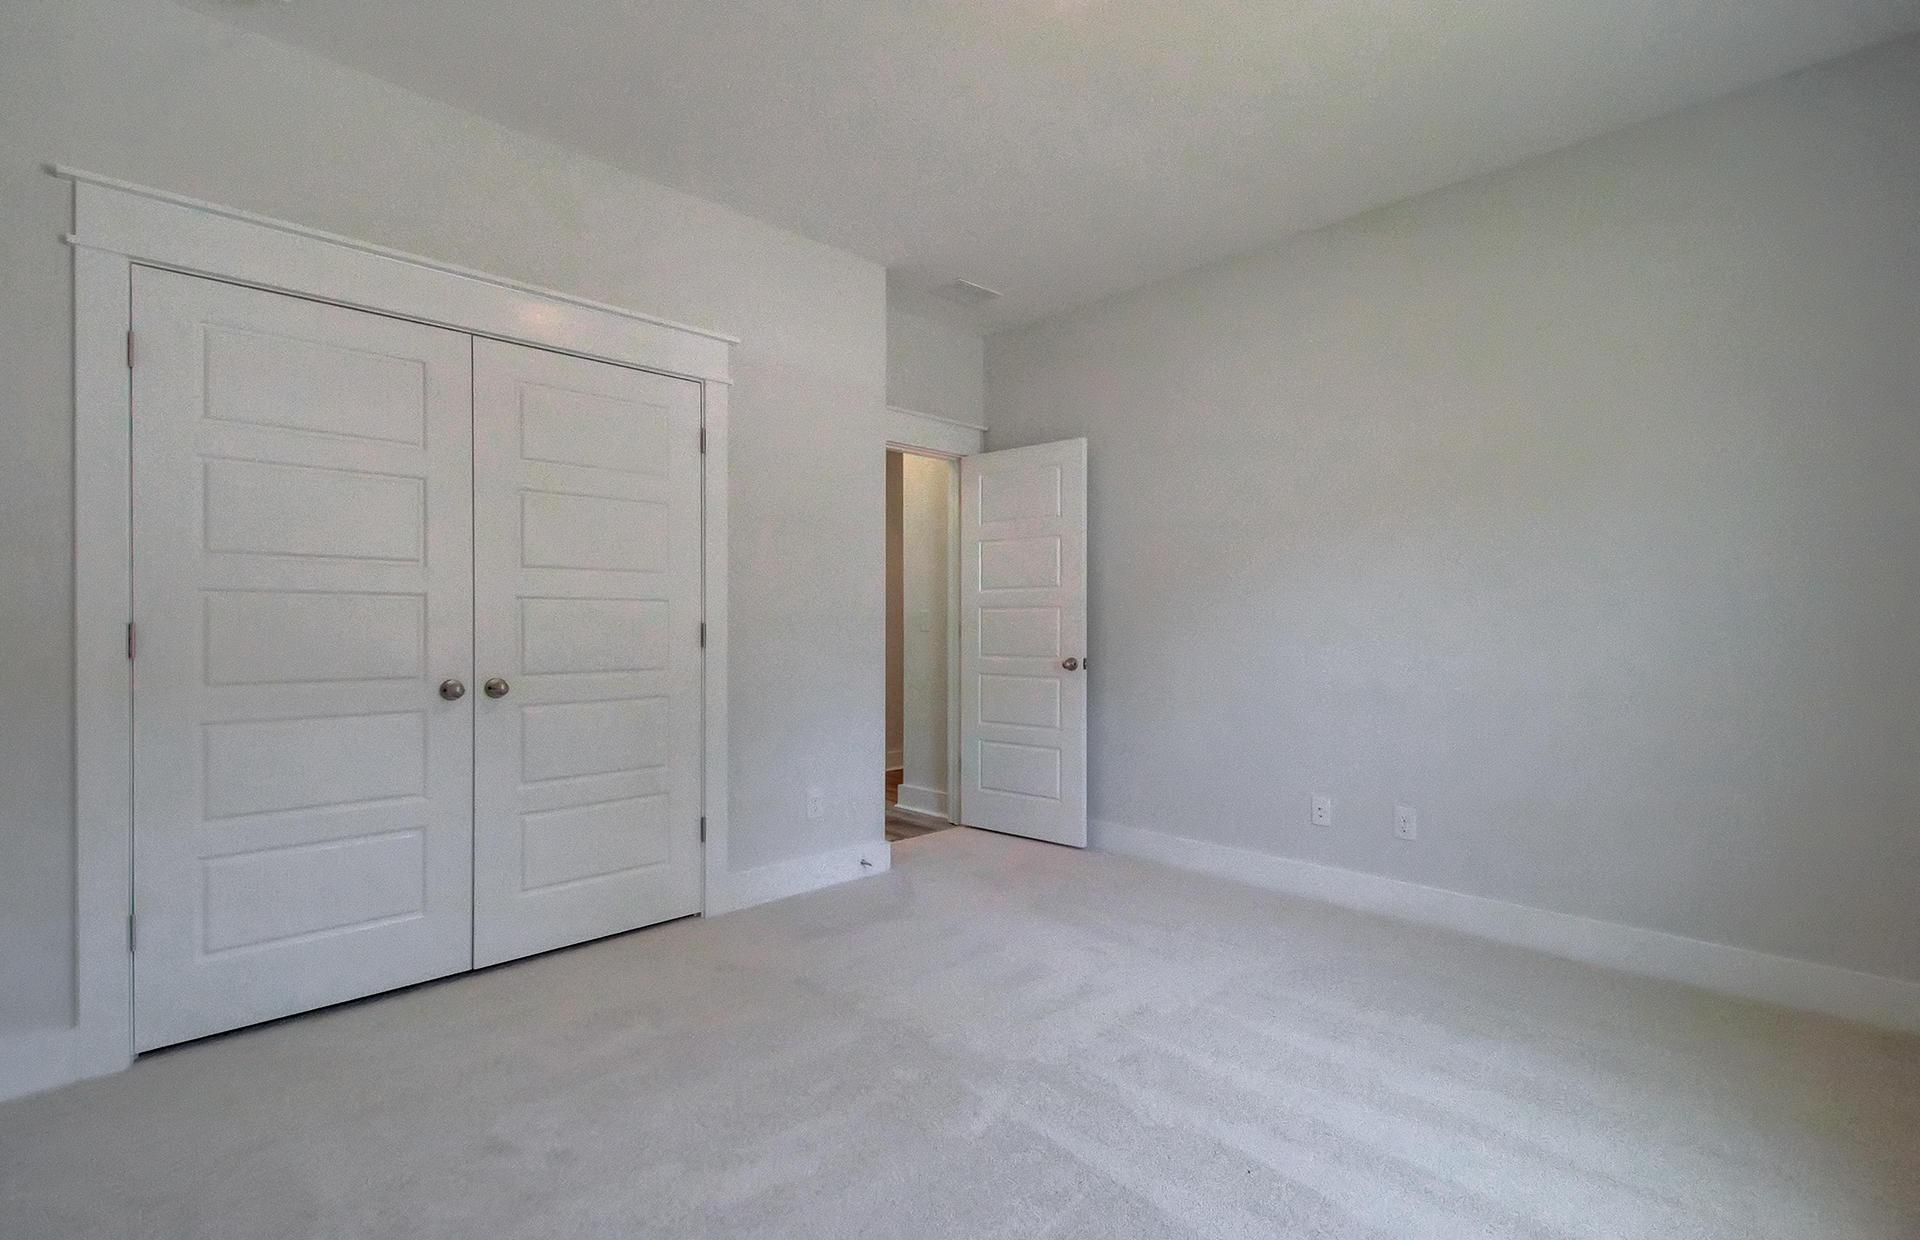 Park West Homes For Sale - 3032 Caspian, Mount Pleasant, SC - 11